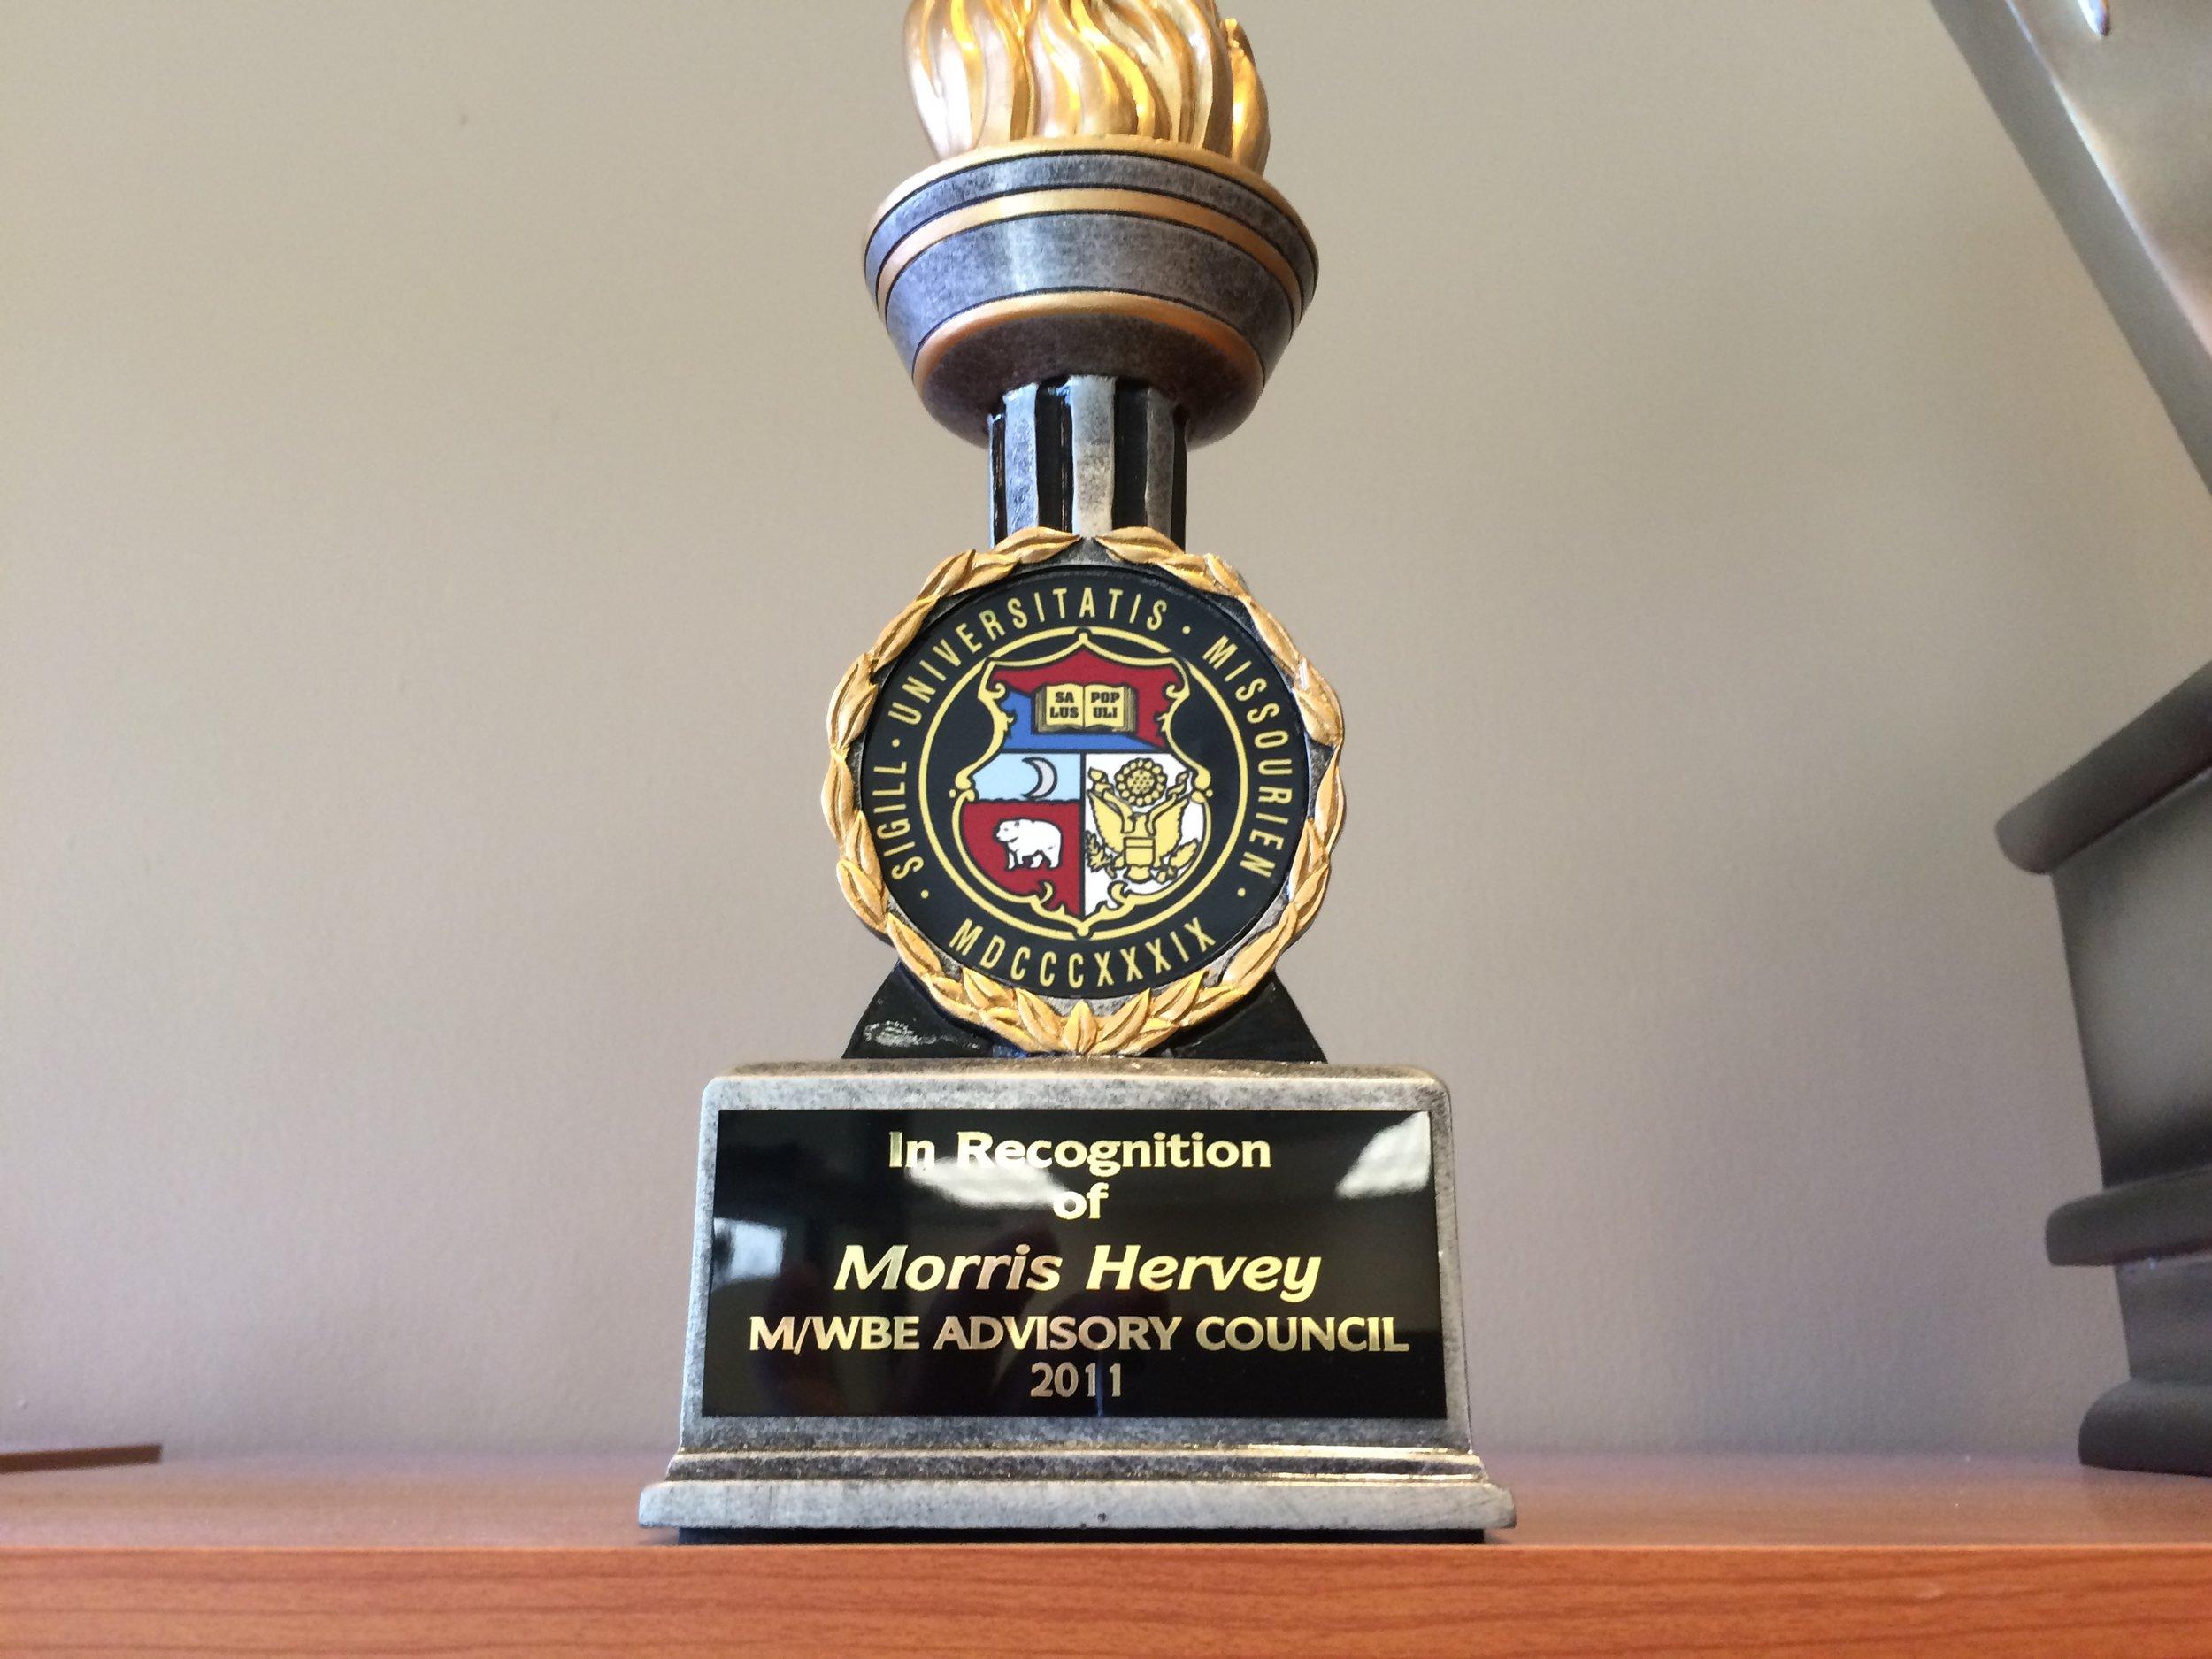 M/WBE Advisory Council Recognition